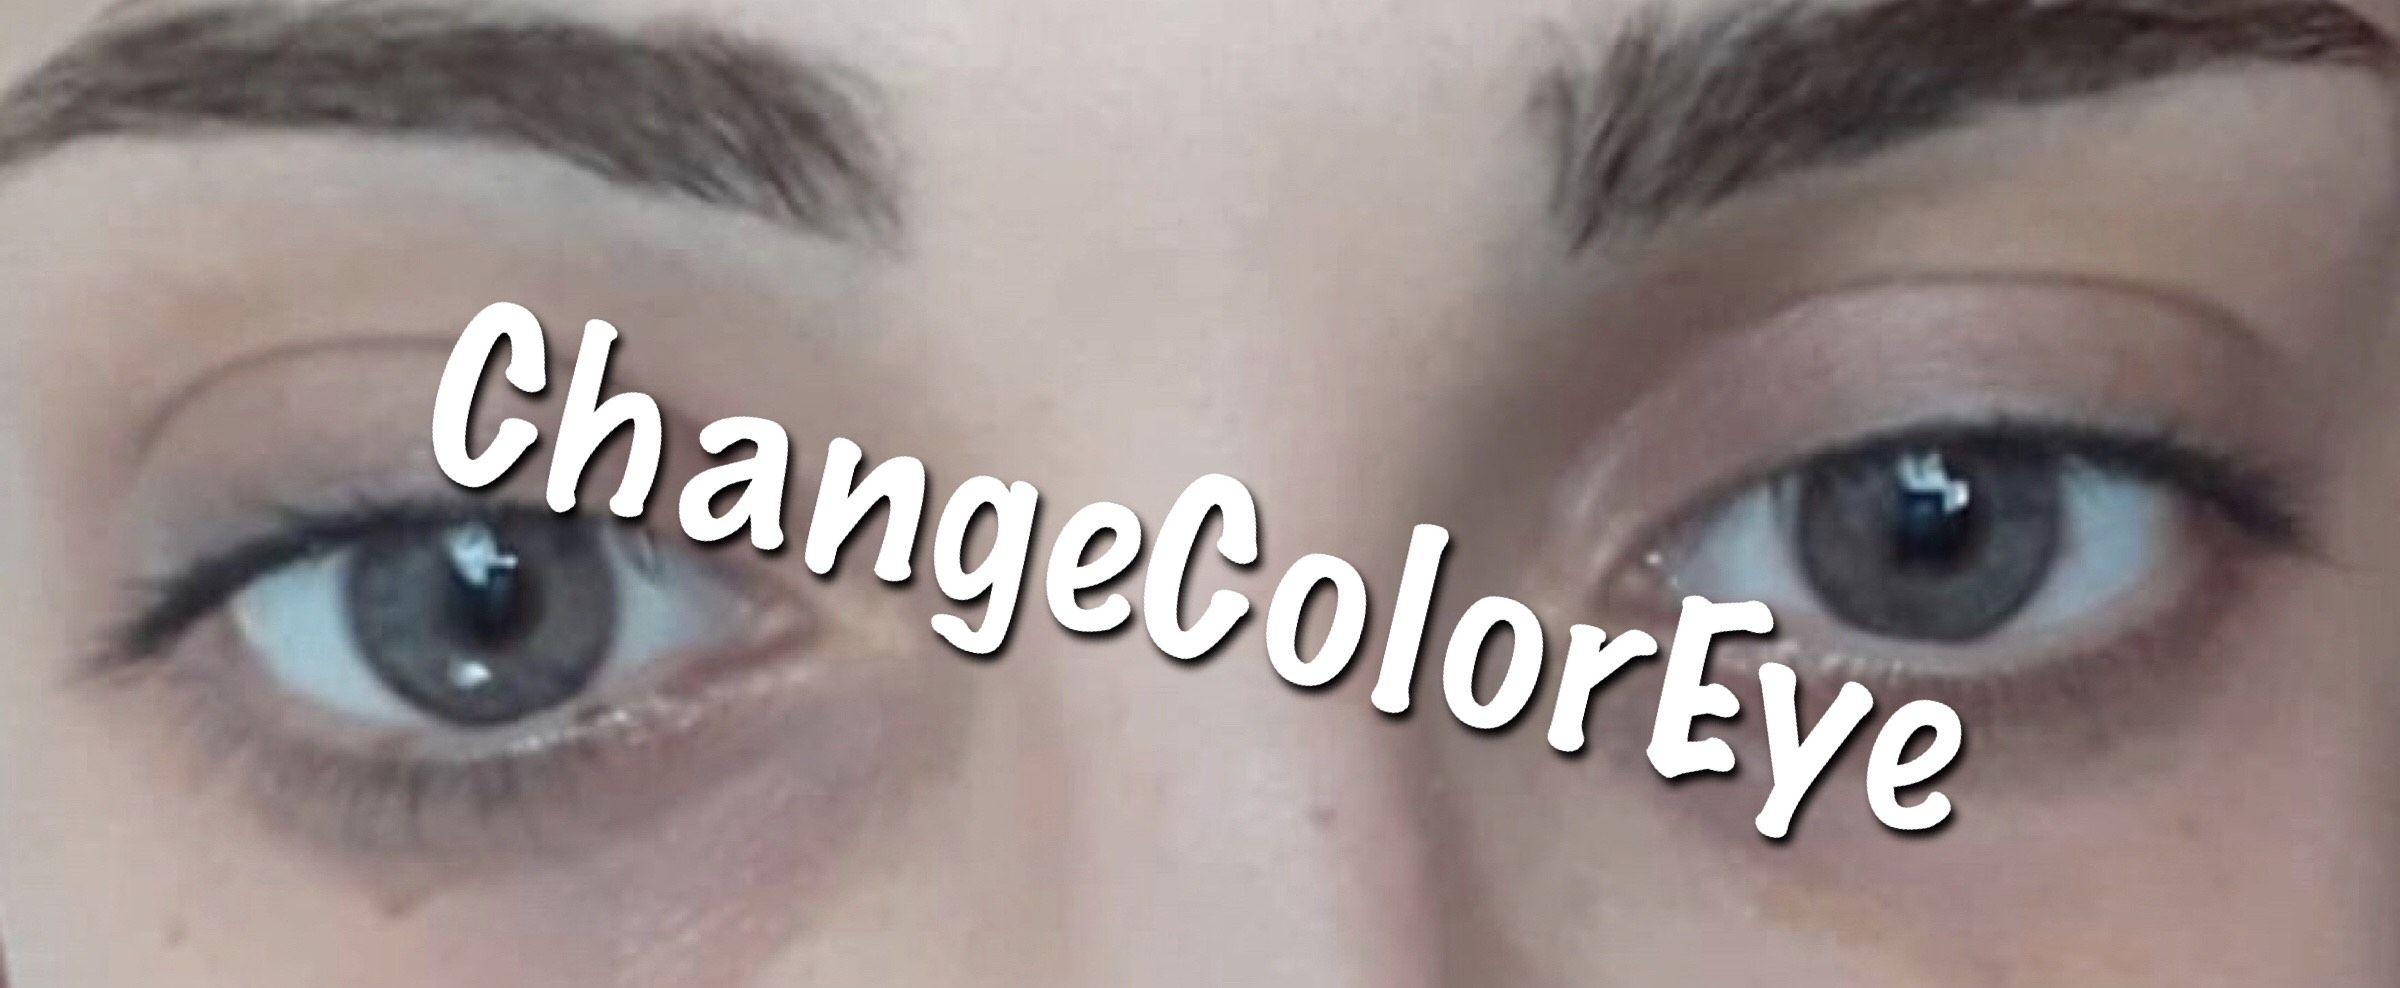 8 أجزاء في الجسم لا تعرف شيئا عنها Eye Color Change Eye Color Natural Glam